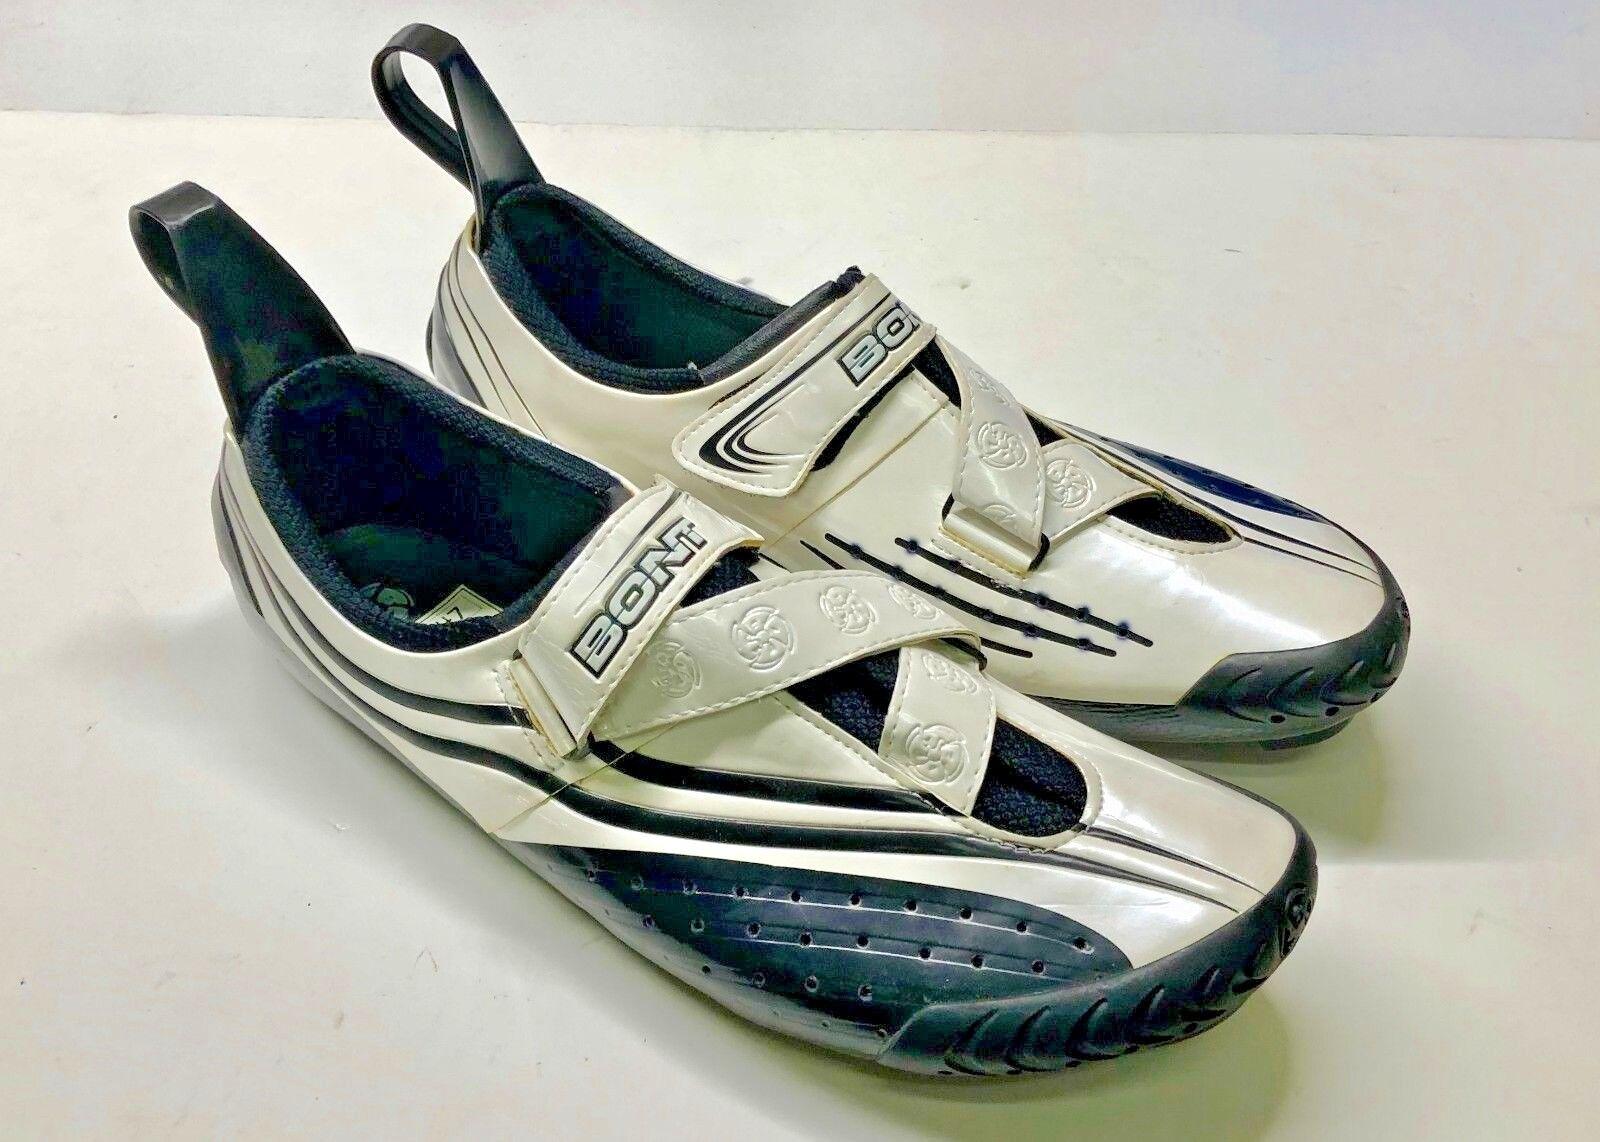 Bont Sub 9 carbon triathlon cycling scarpe, bianca. EUR 40 or U.S. 6.5